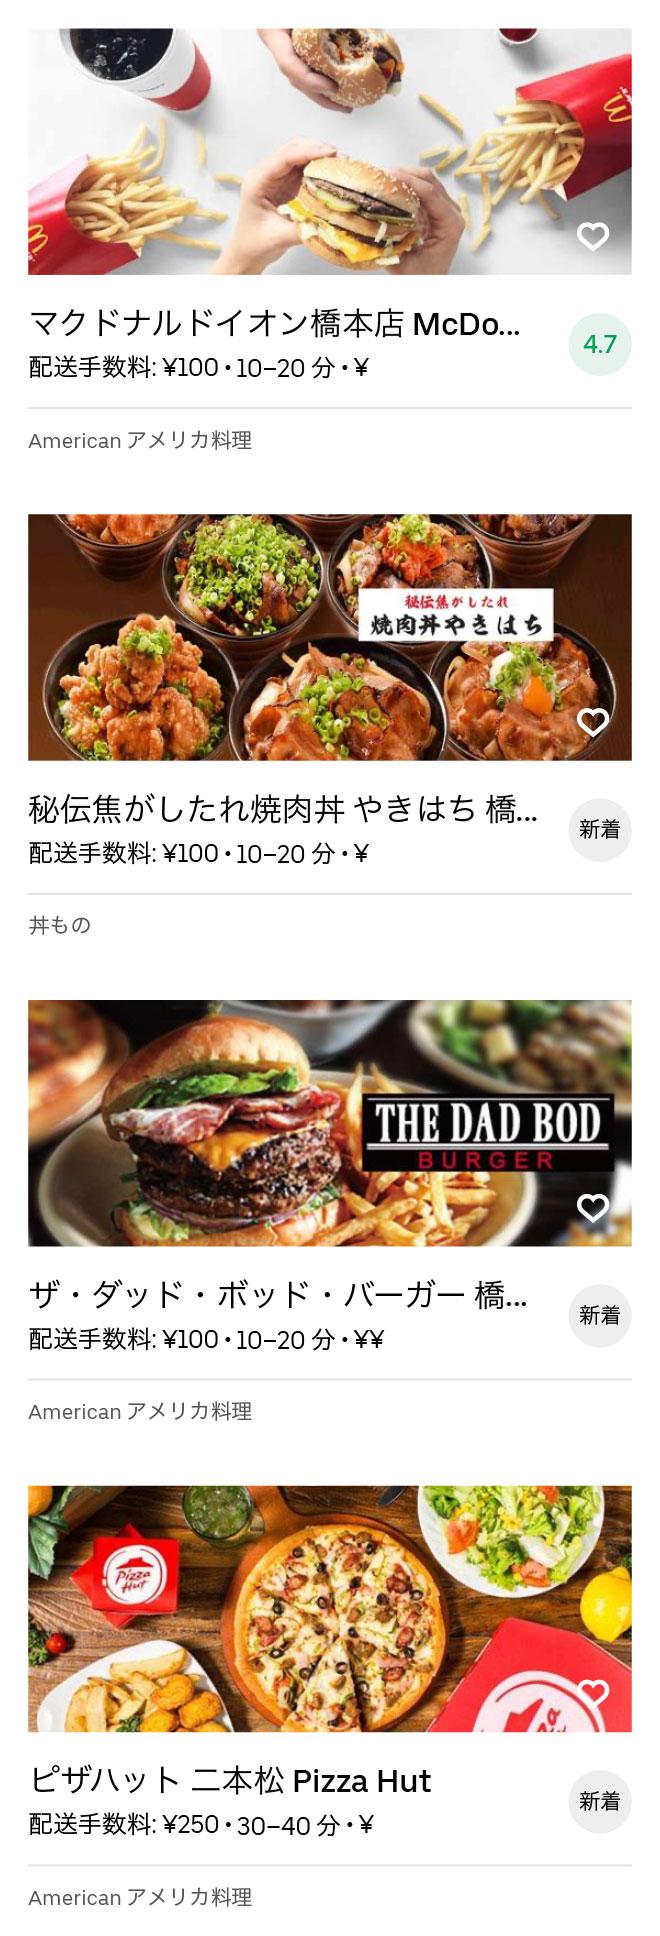 Hashimoto menu 2008 01